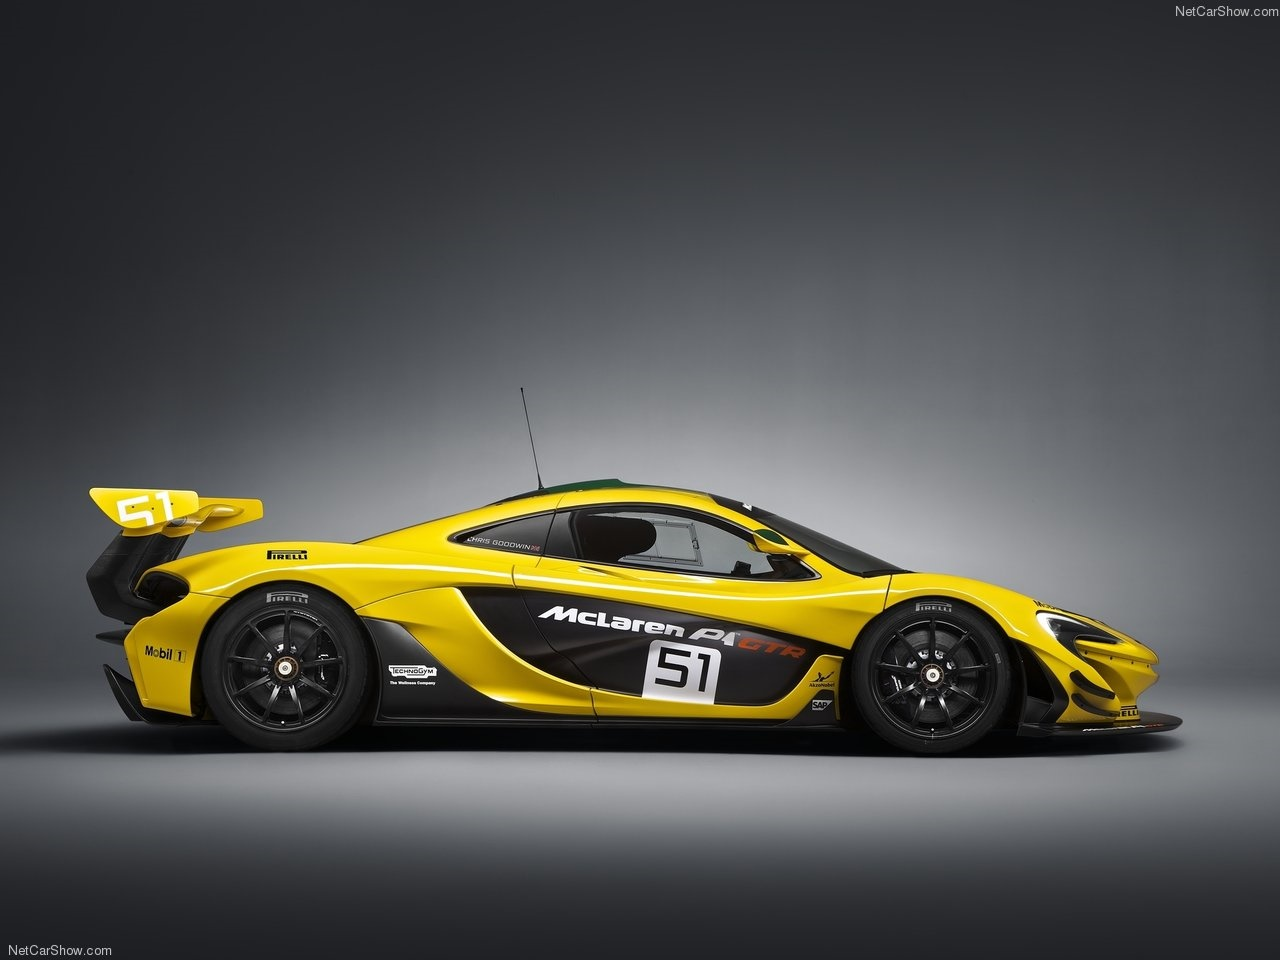 خودروی 3,000,000 دلاری مکلارن P1 جی.تی.آر با 986 اسببخار قدرت